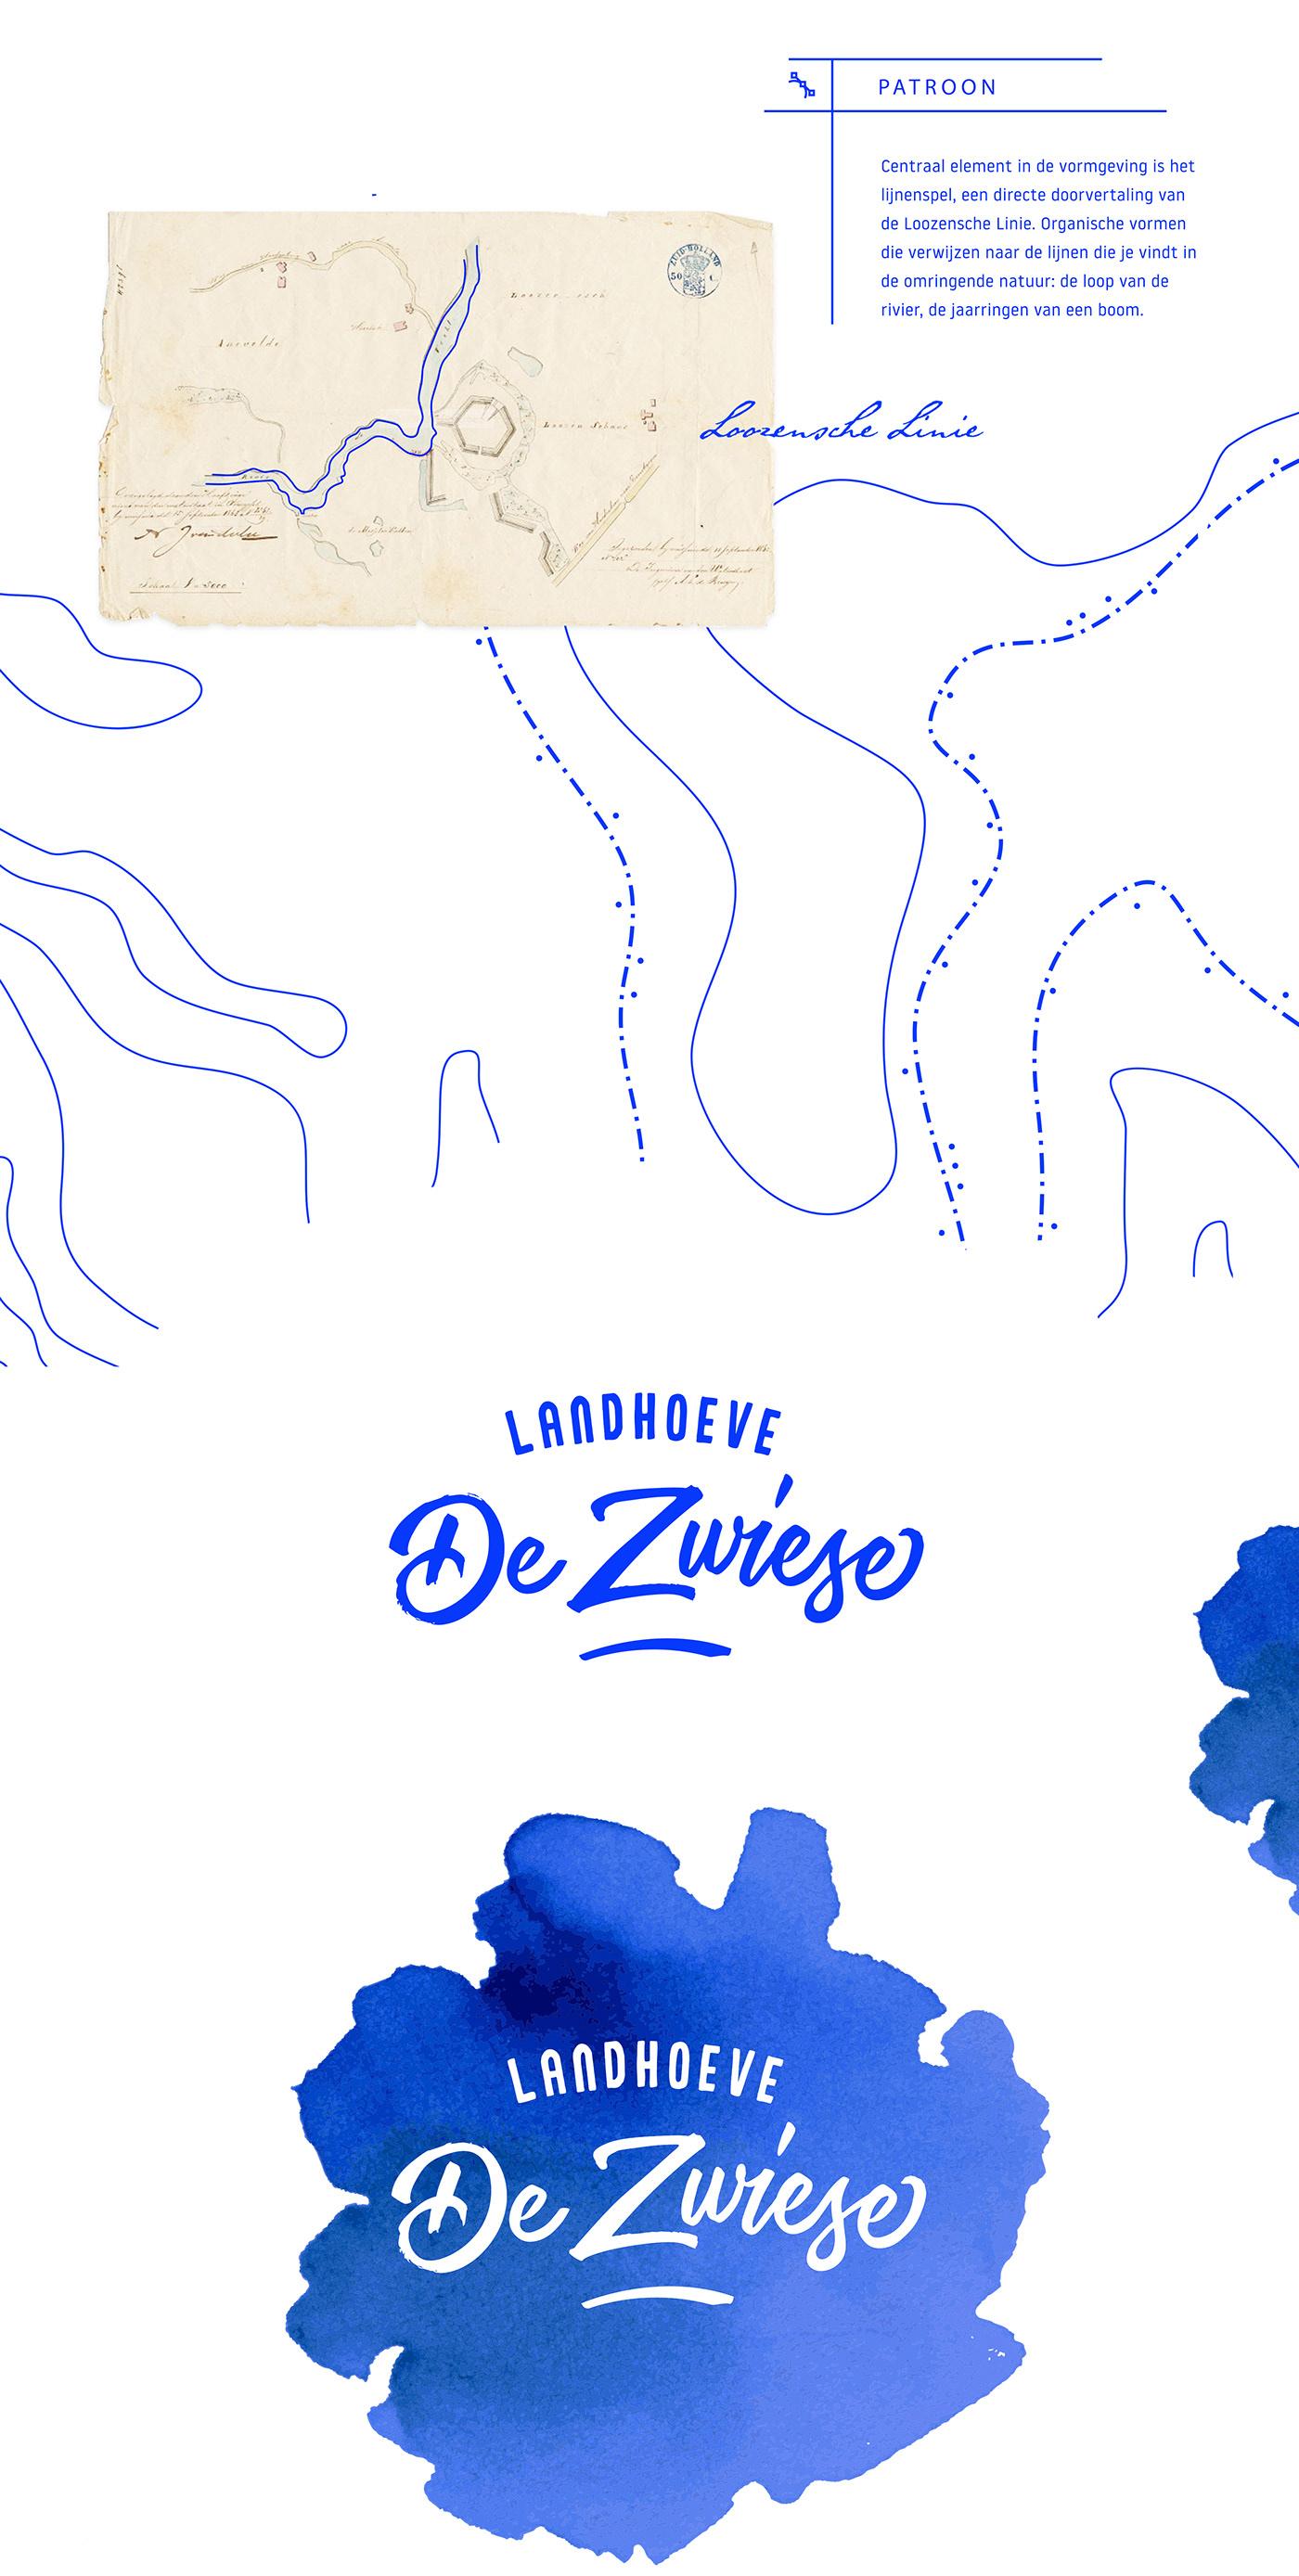 branding  Photography  care restaurant uidesign logodesign Webdesign uxdesign ILLUSTRATION